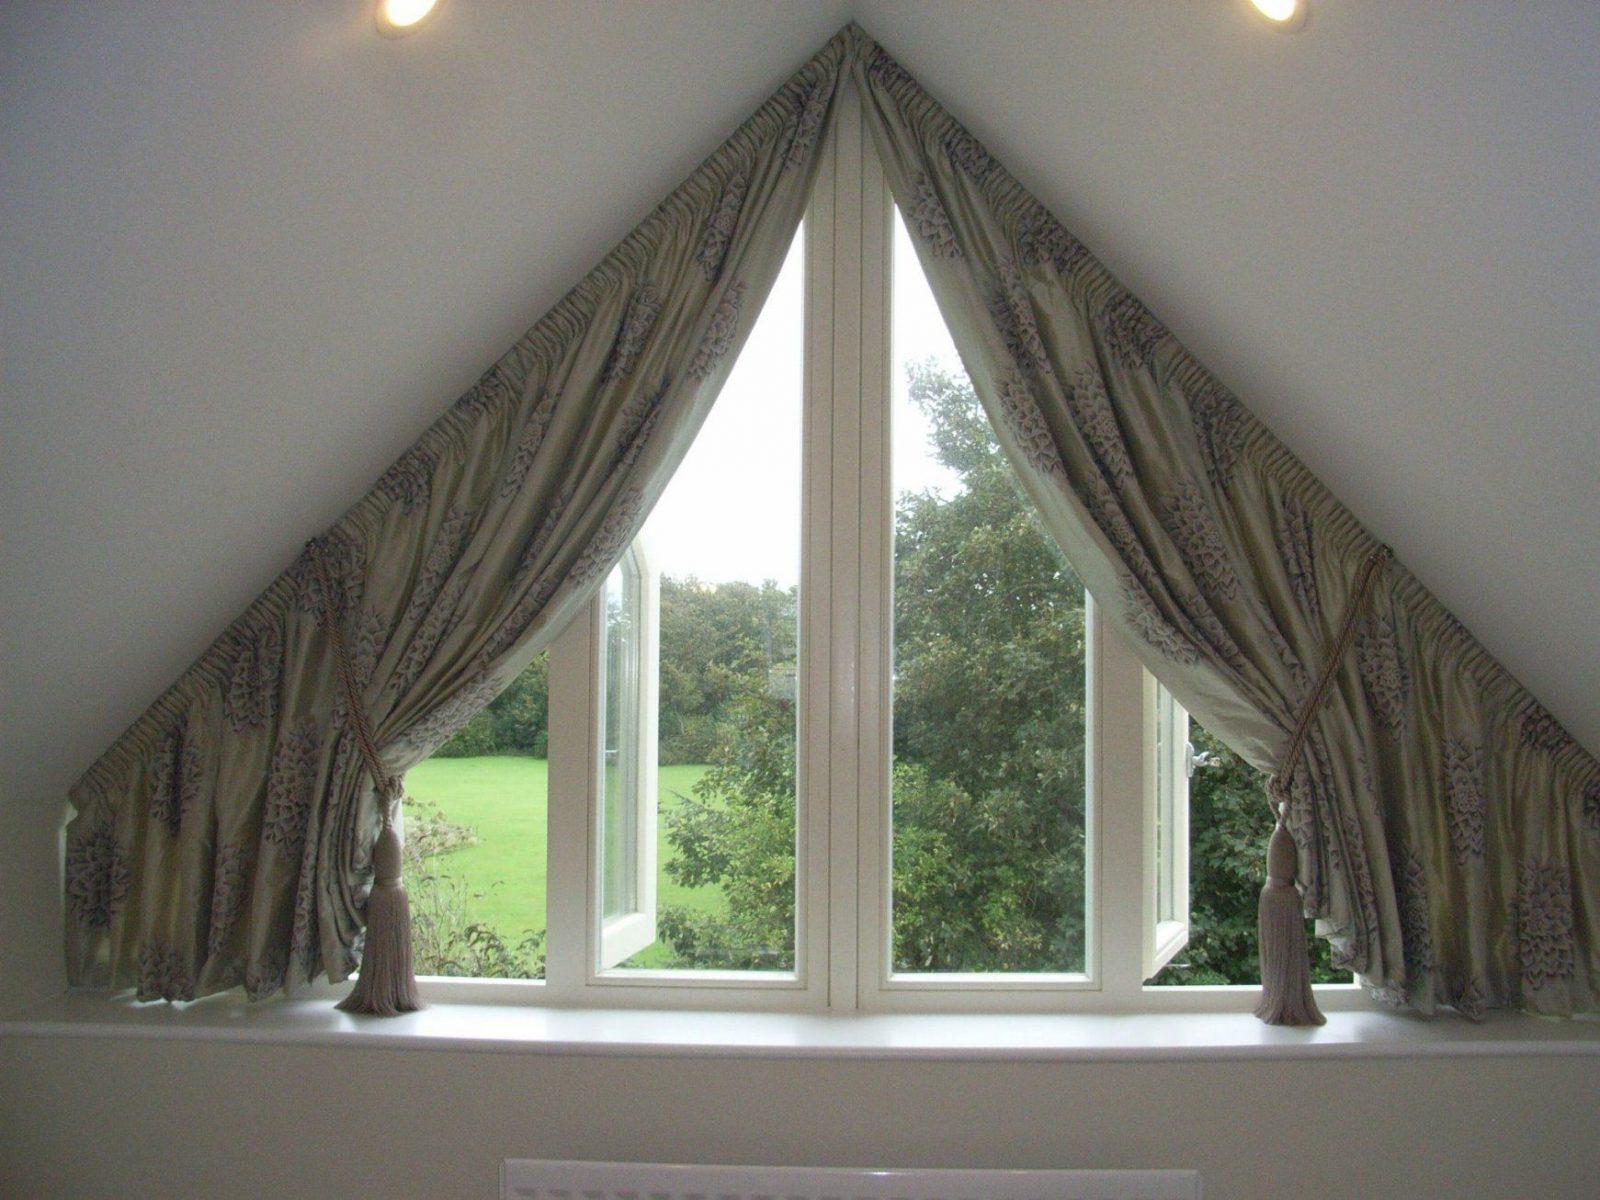 Tolle Ideen Wie Sie Ihr Dreiecksfenster Verdunkeln  Gardinen von Gardinen Für Dreiecksfenster Bild